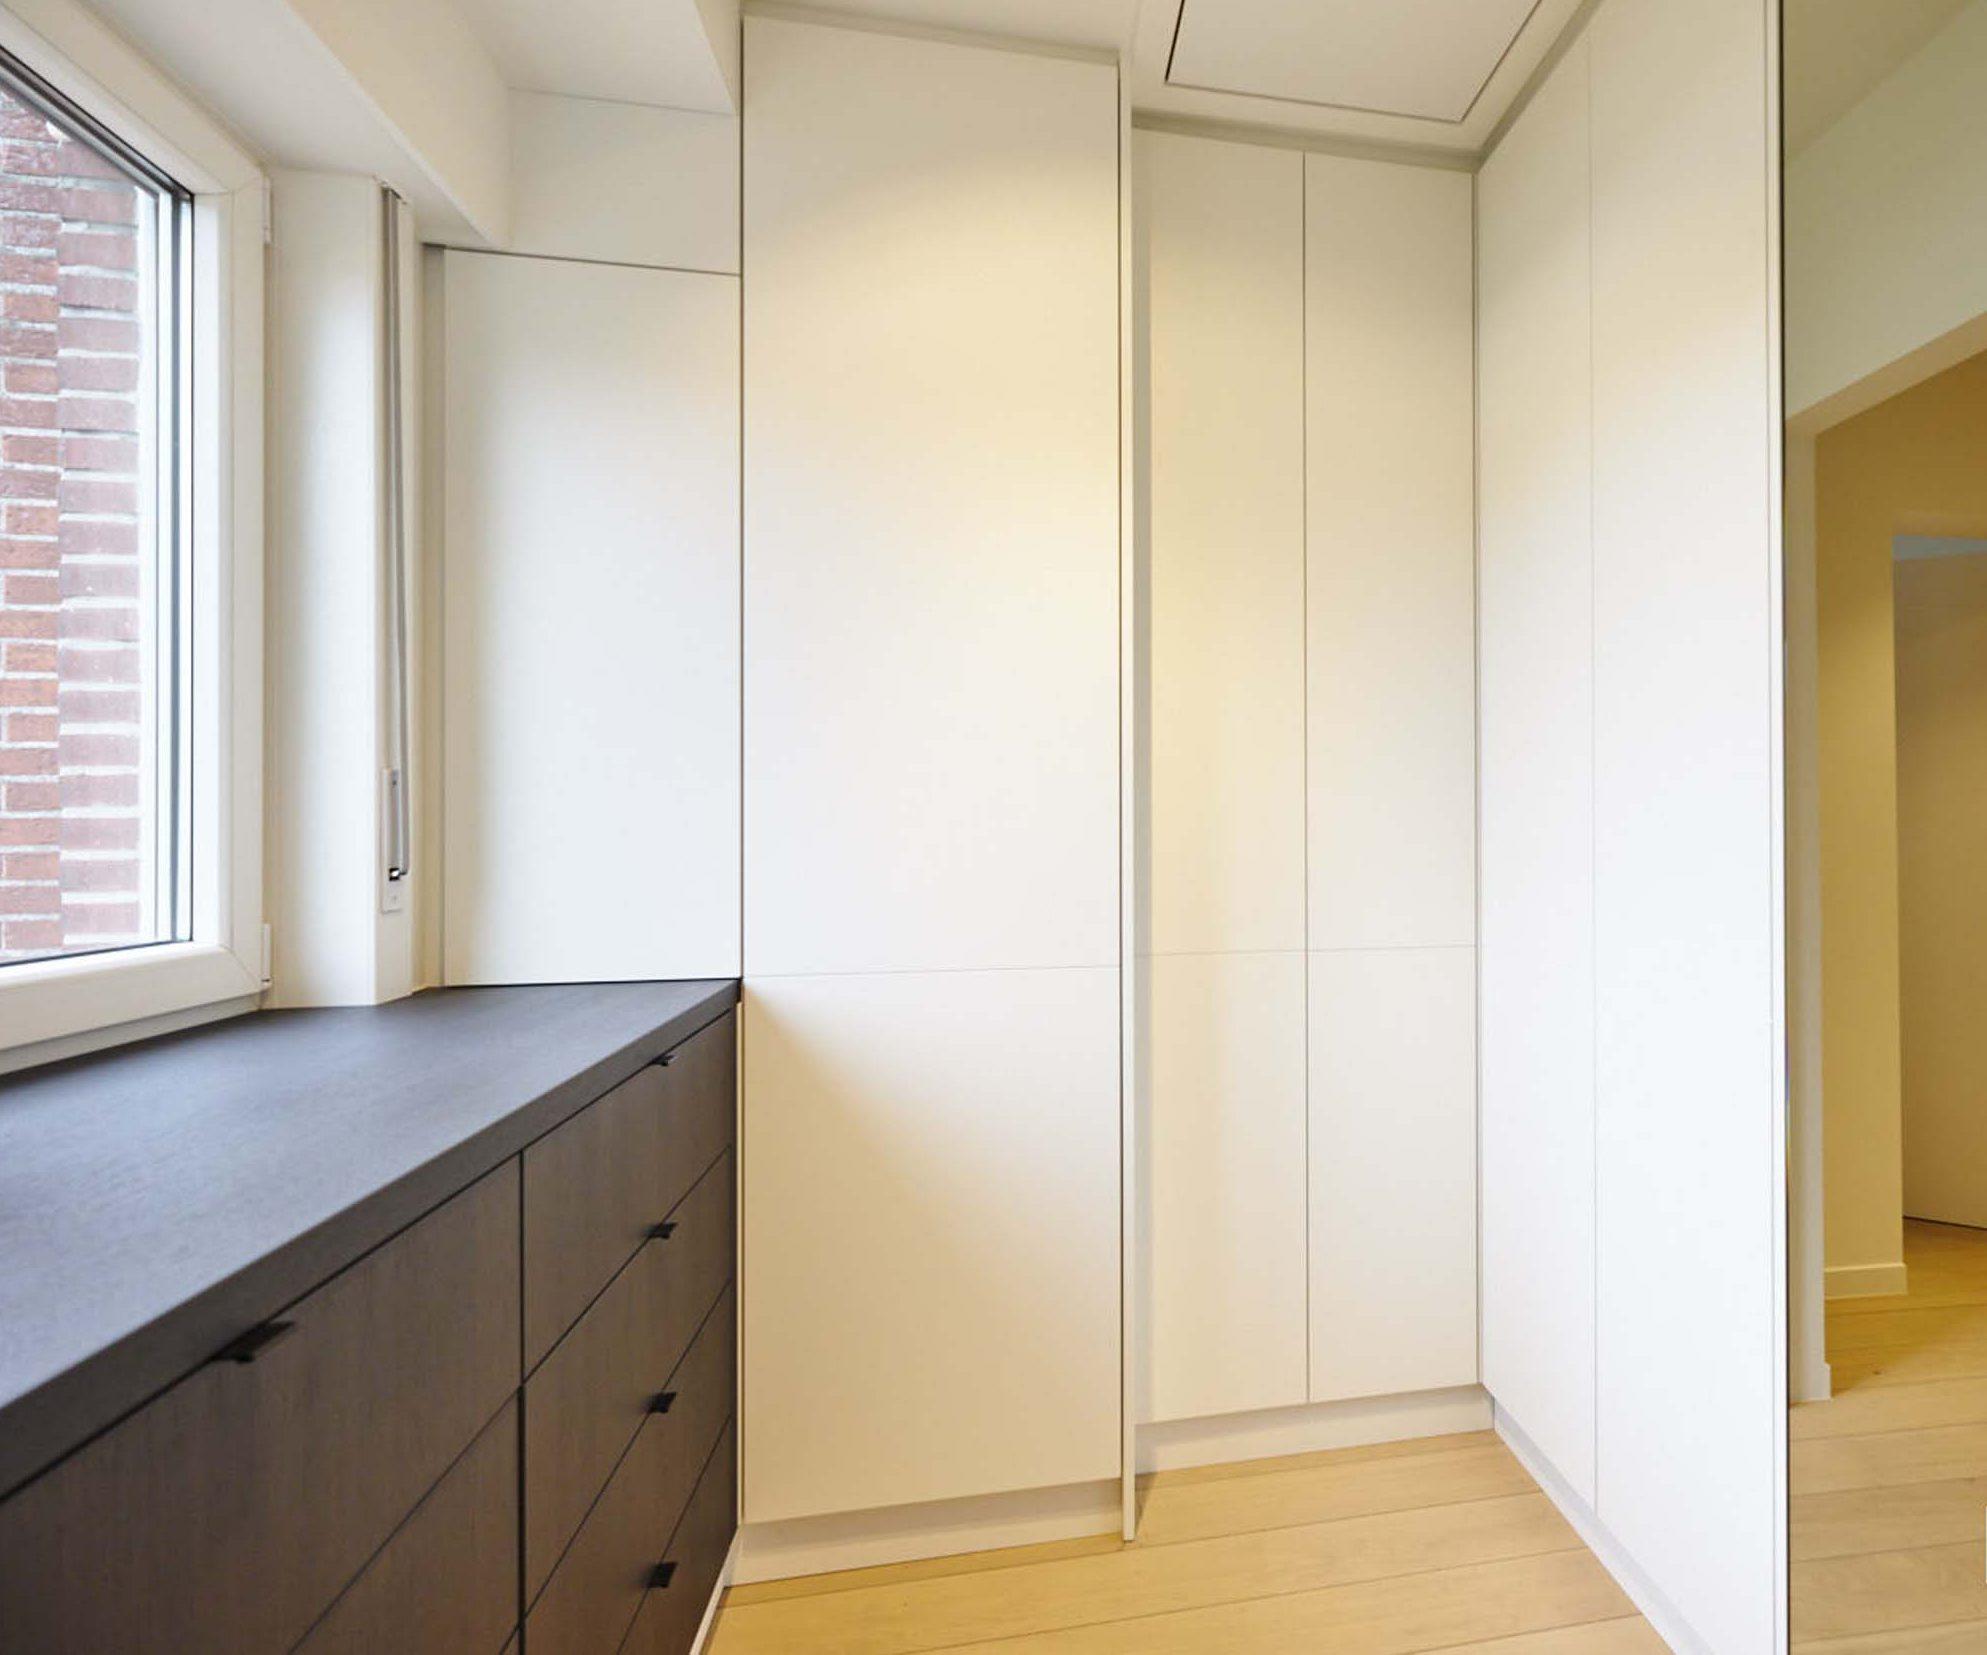 Vanda-projects-interieurinrichting-meubelmakerij-oost-vlaanderen-six-gent-inloopkast